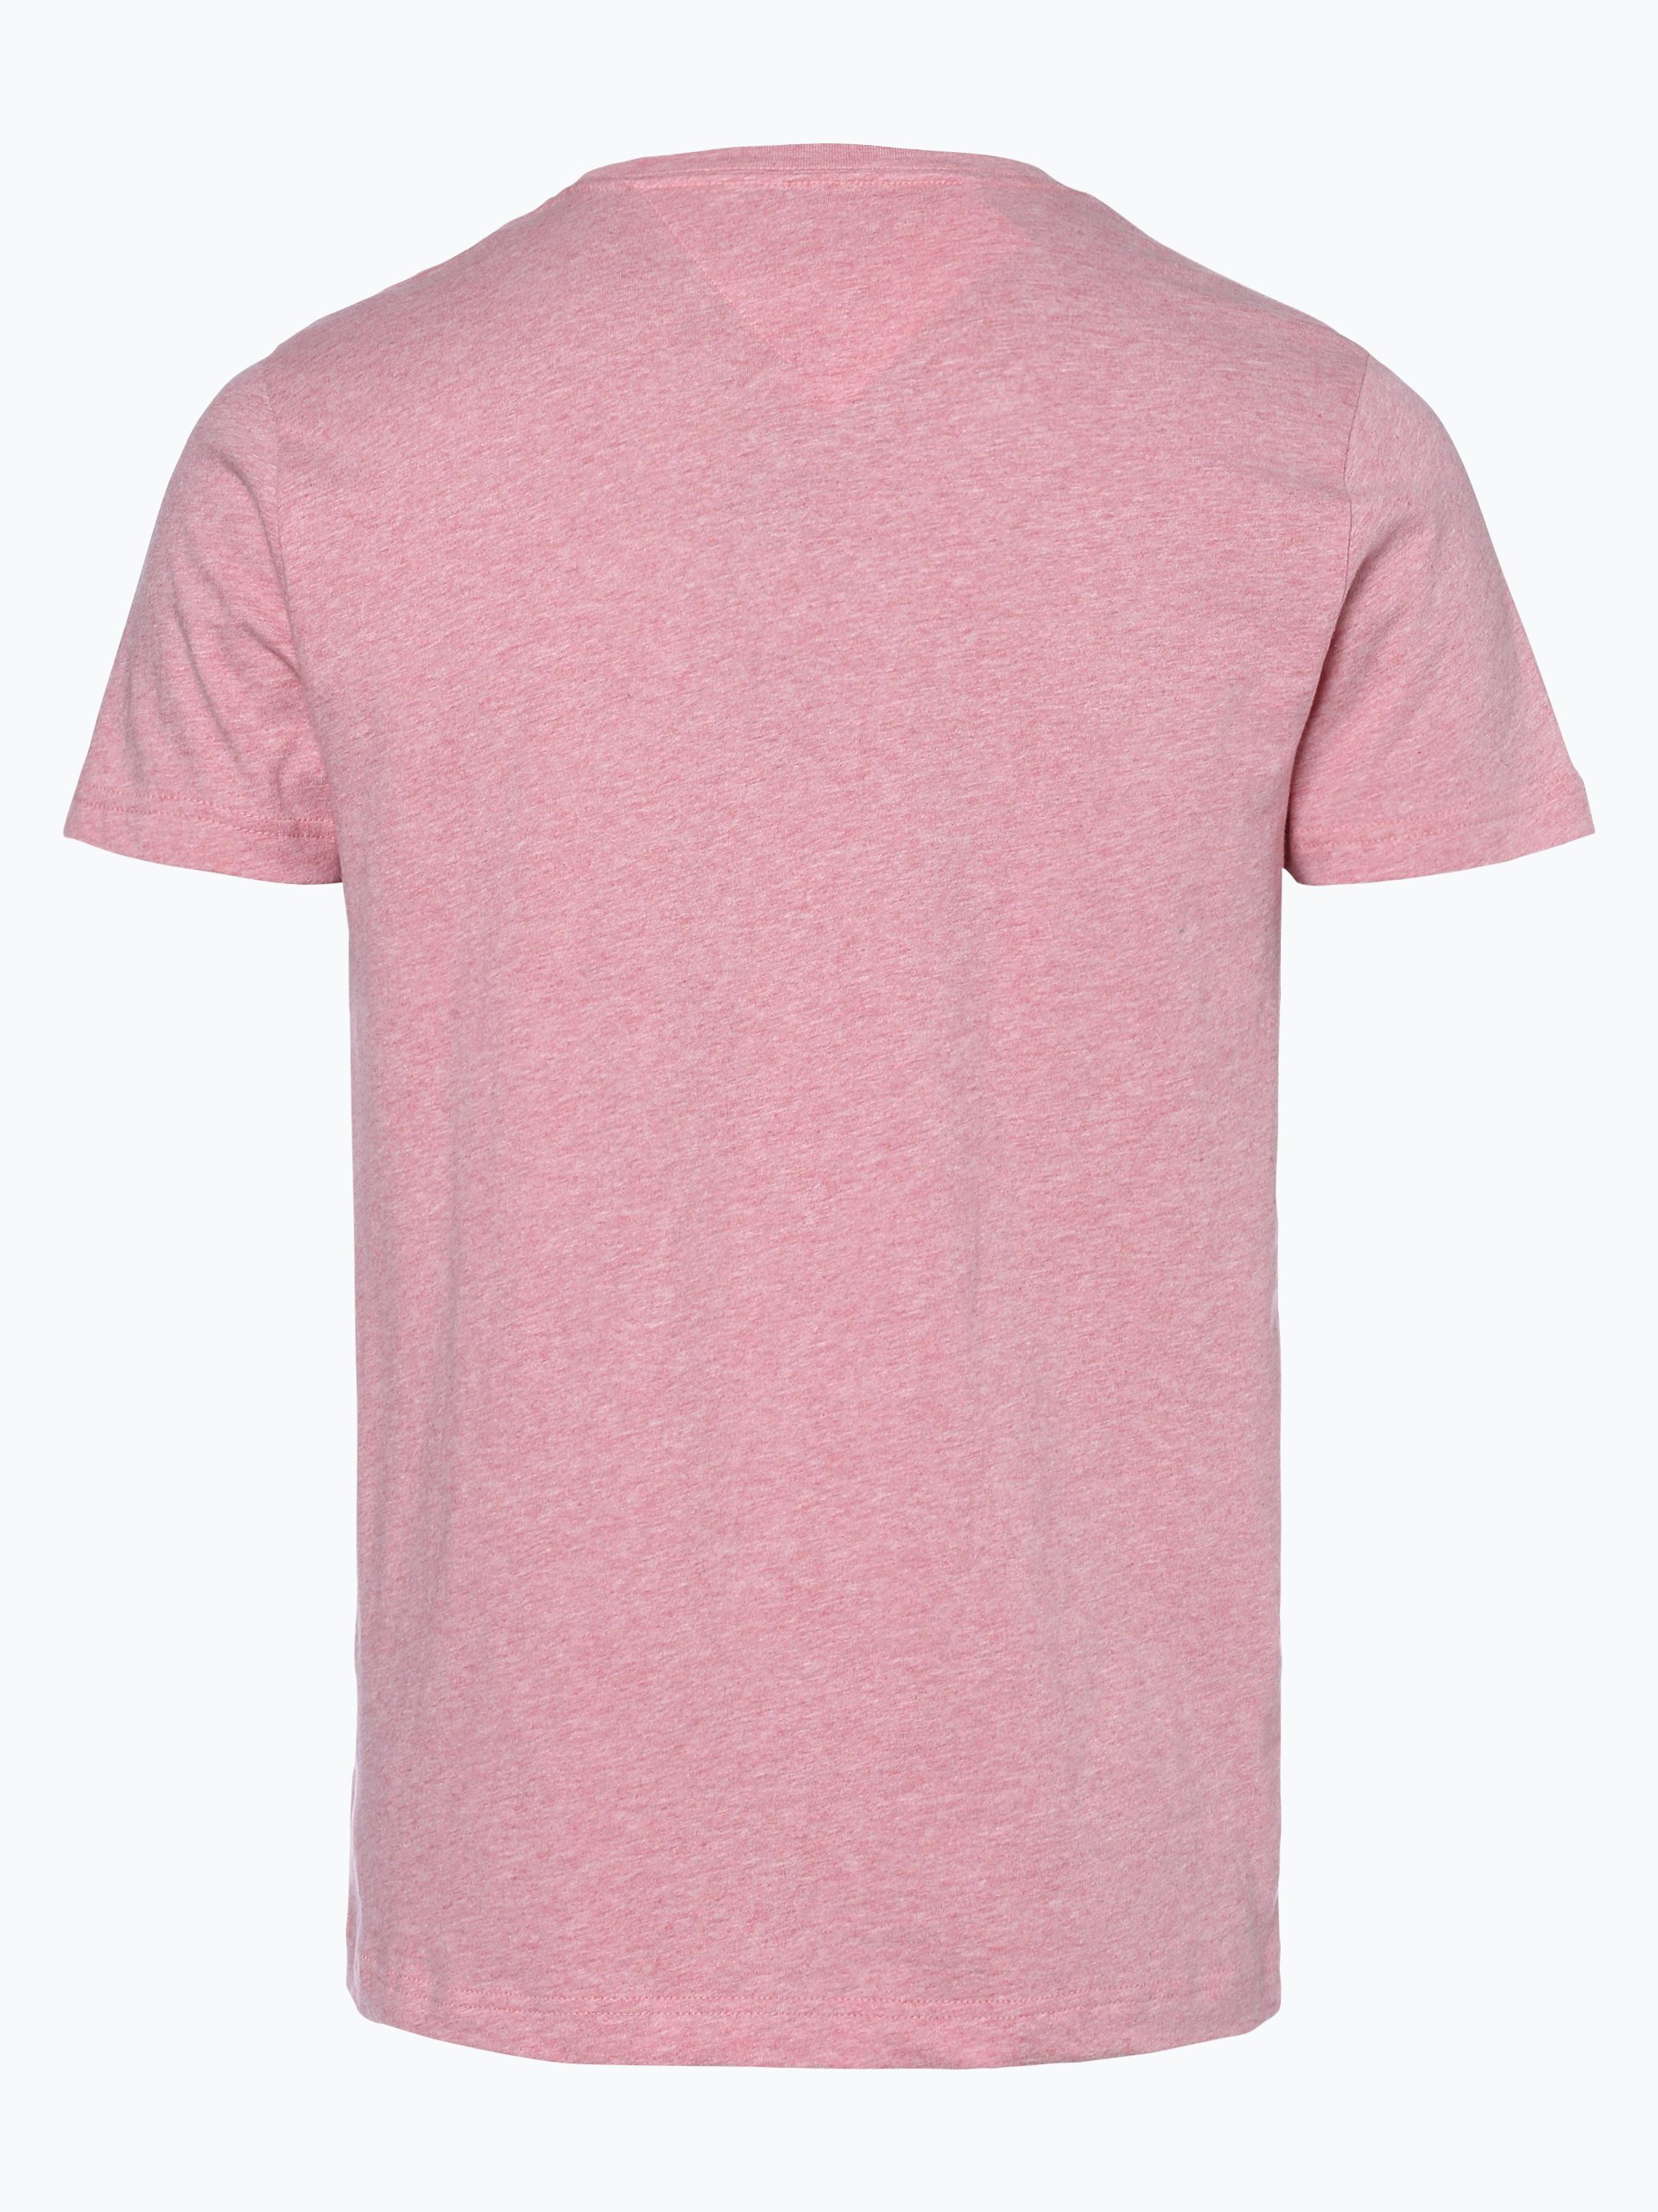 Tommy Hilfiger Herren T-Shirt - Owen